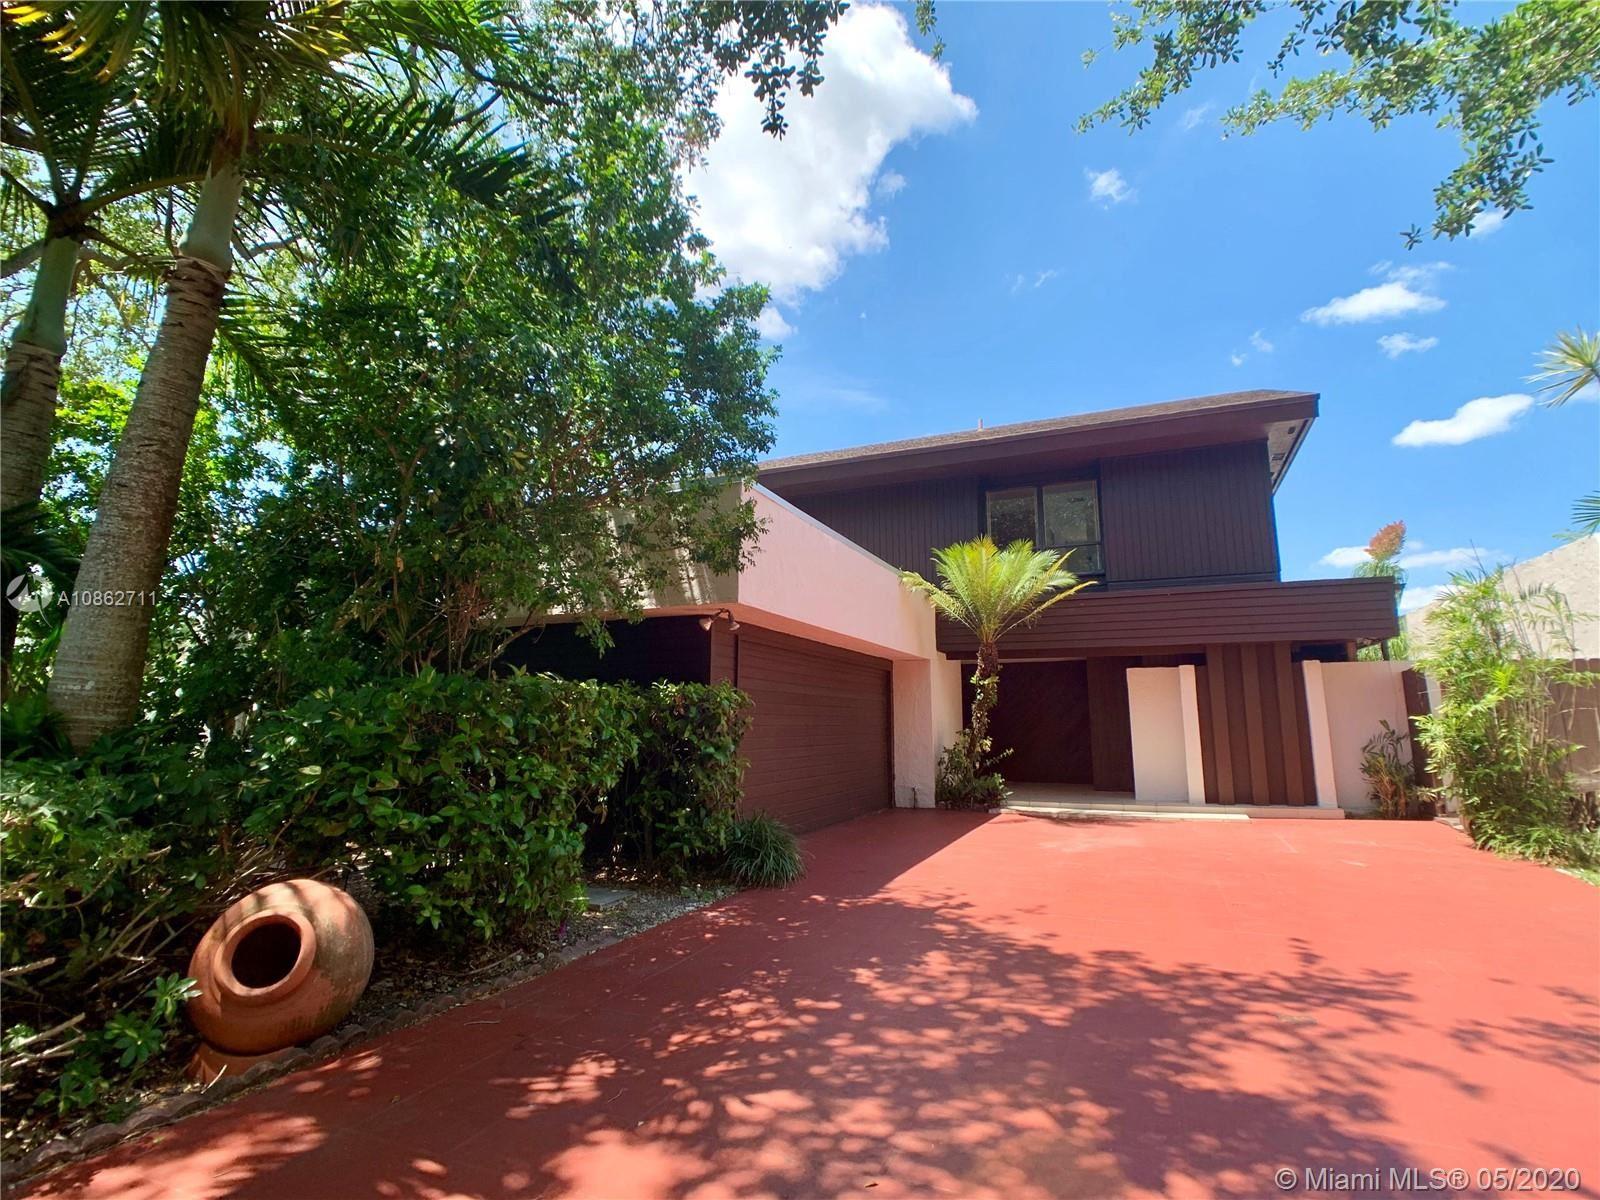 11909 SW 78th Ter, Miami, FL 33183 - #: A10862711